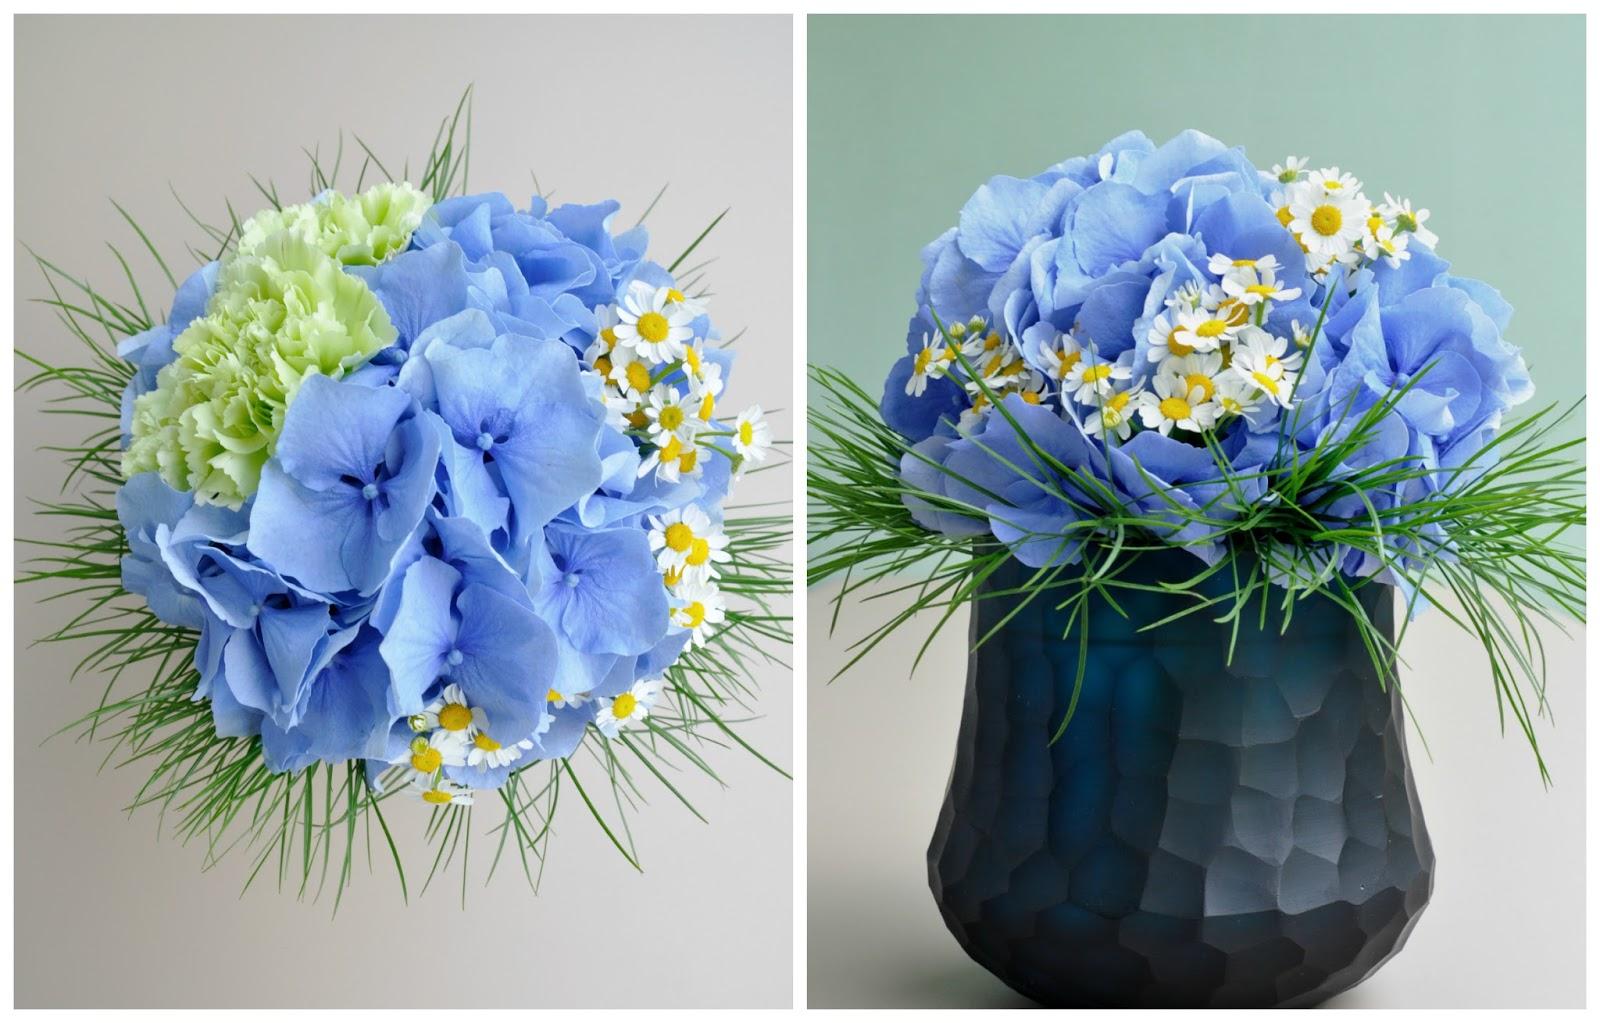 Lemapi Sudtiroler Lifestyleblog Flowerday Blumenstrauss Binden